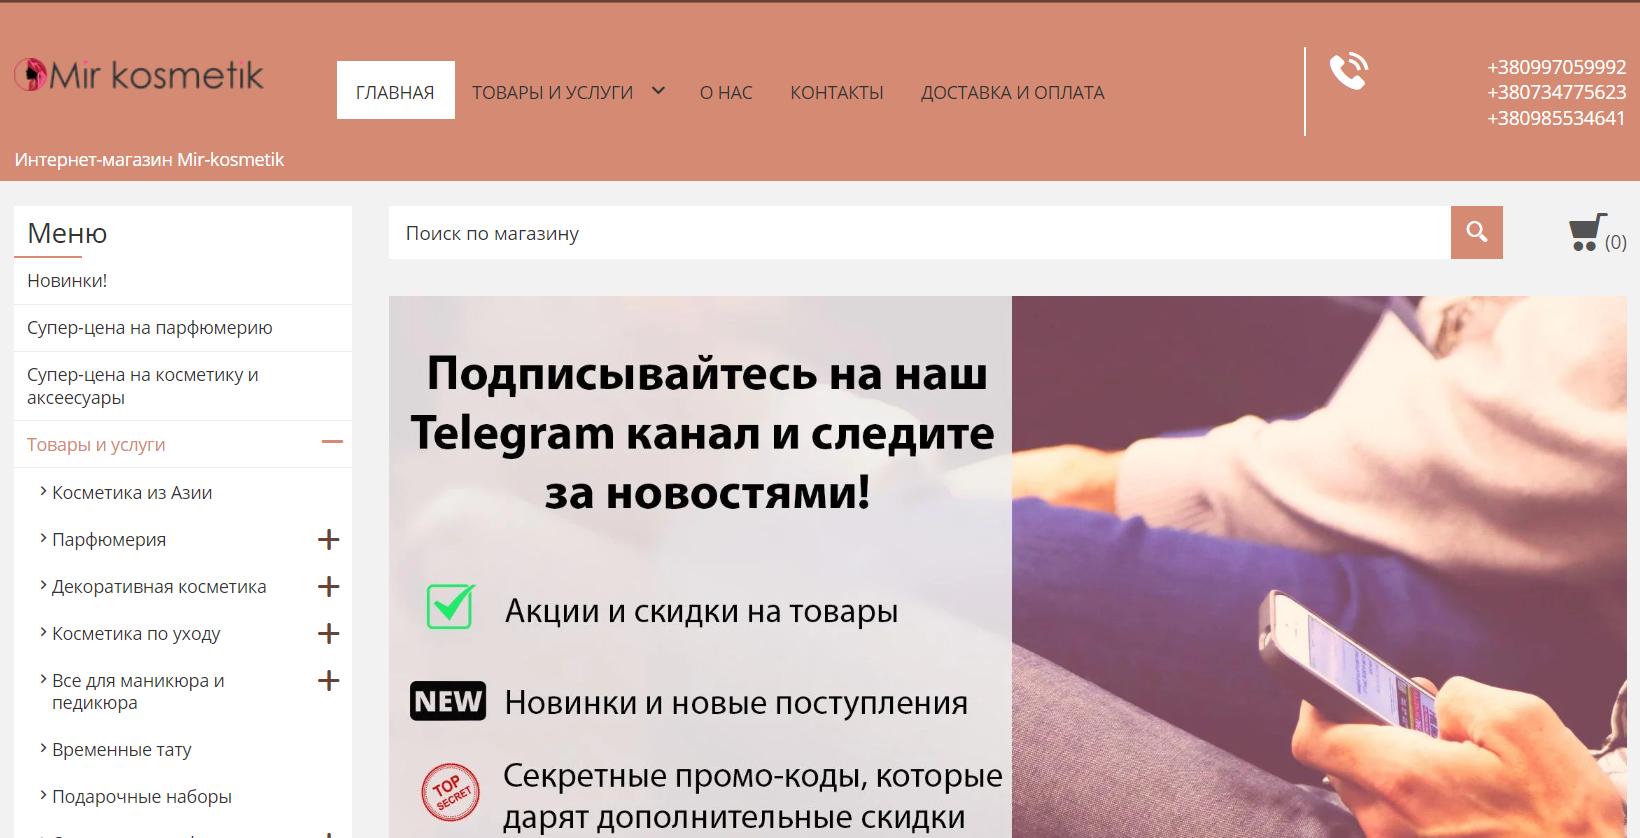 Онлайн-магазин Mir-Kosmetik